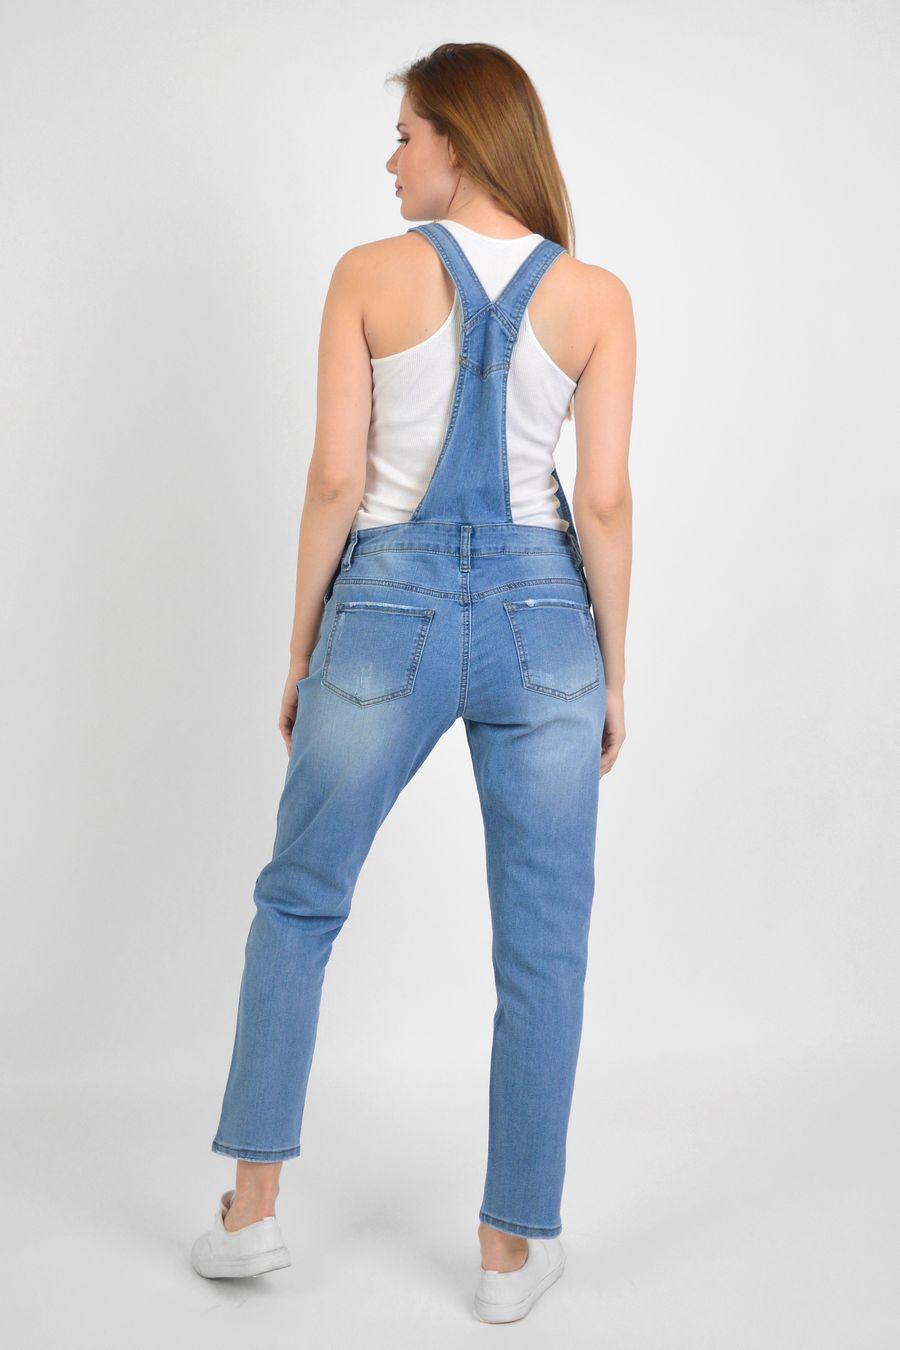 Комбинезон женский Baccino 3040 джинсовый - фото 4